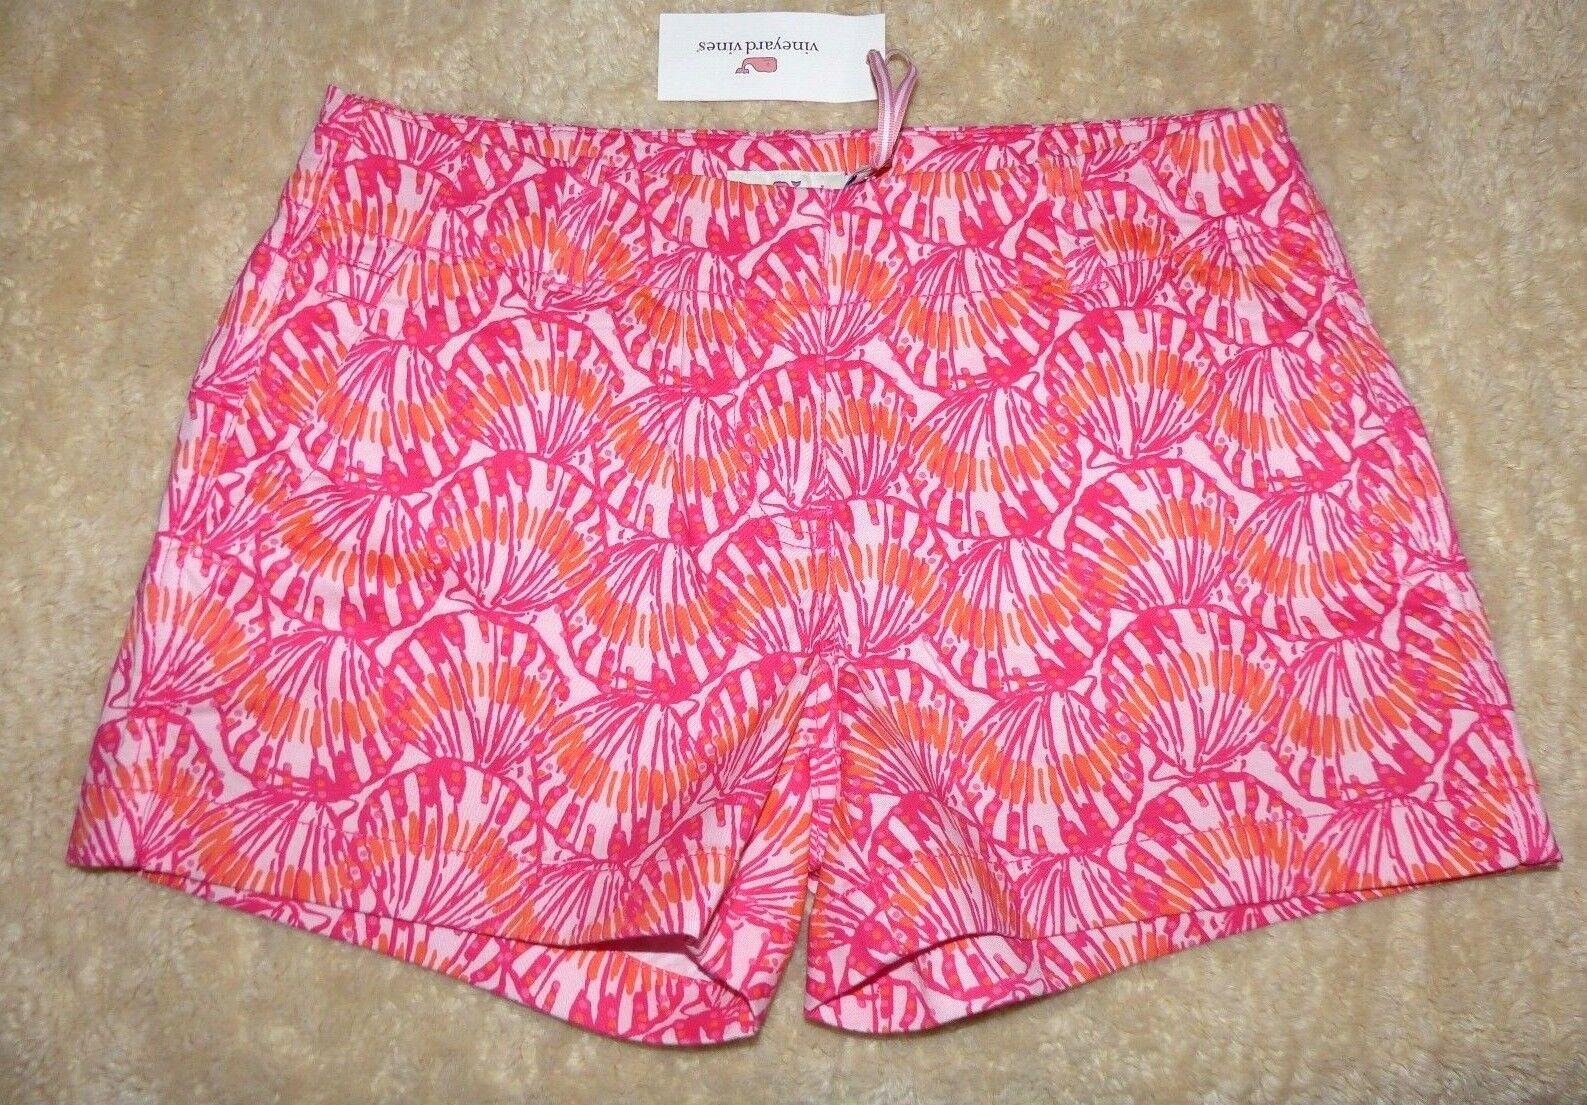 Vineyard Vines Señoras Pantalones cortos cortos cortos de cada día rosado Impresión De Concha De Tulipán Talla 4  98 Nuevo con etiquetas 2afe15